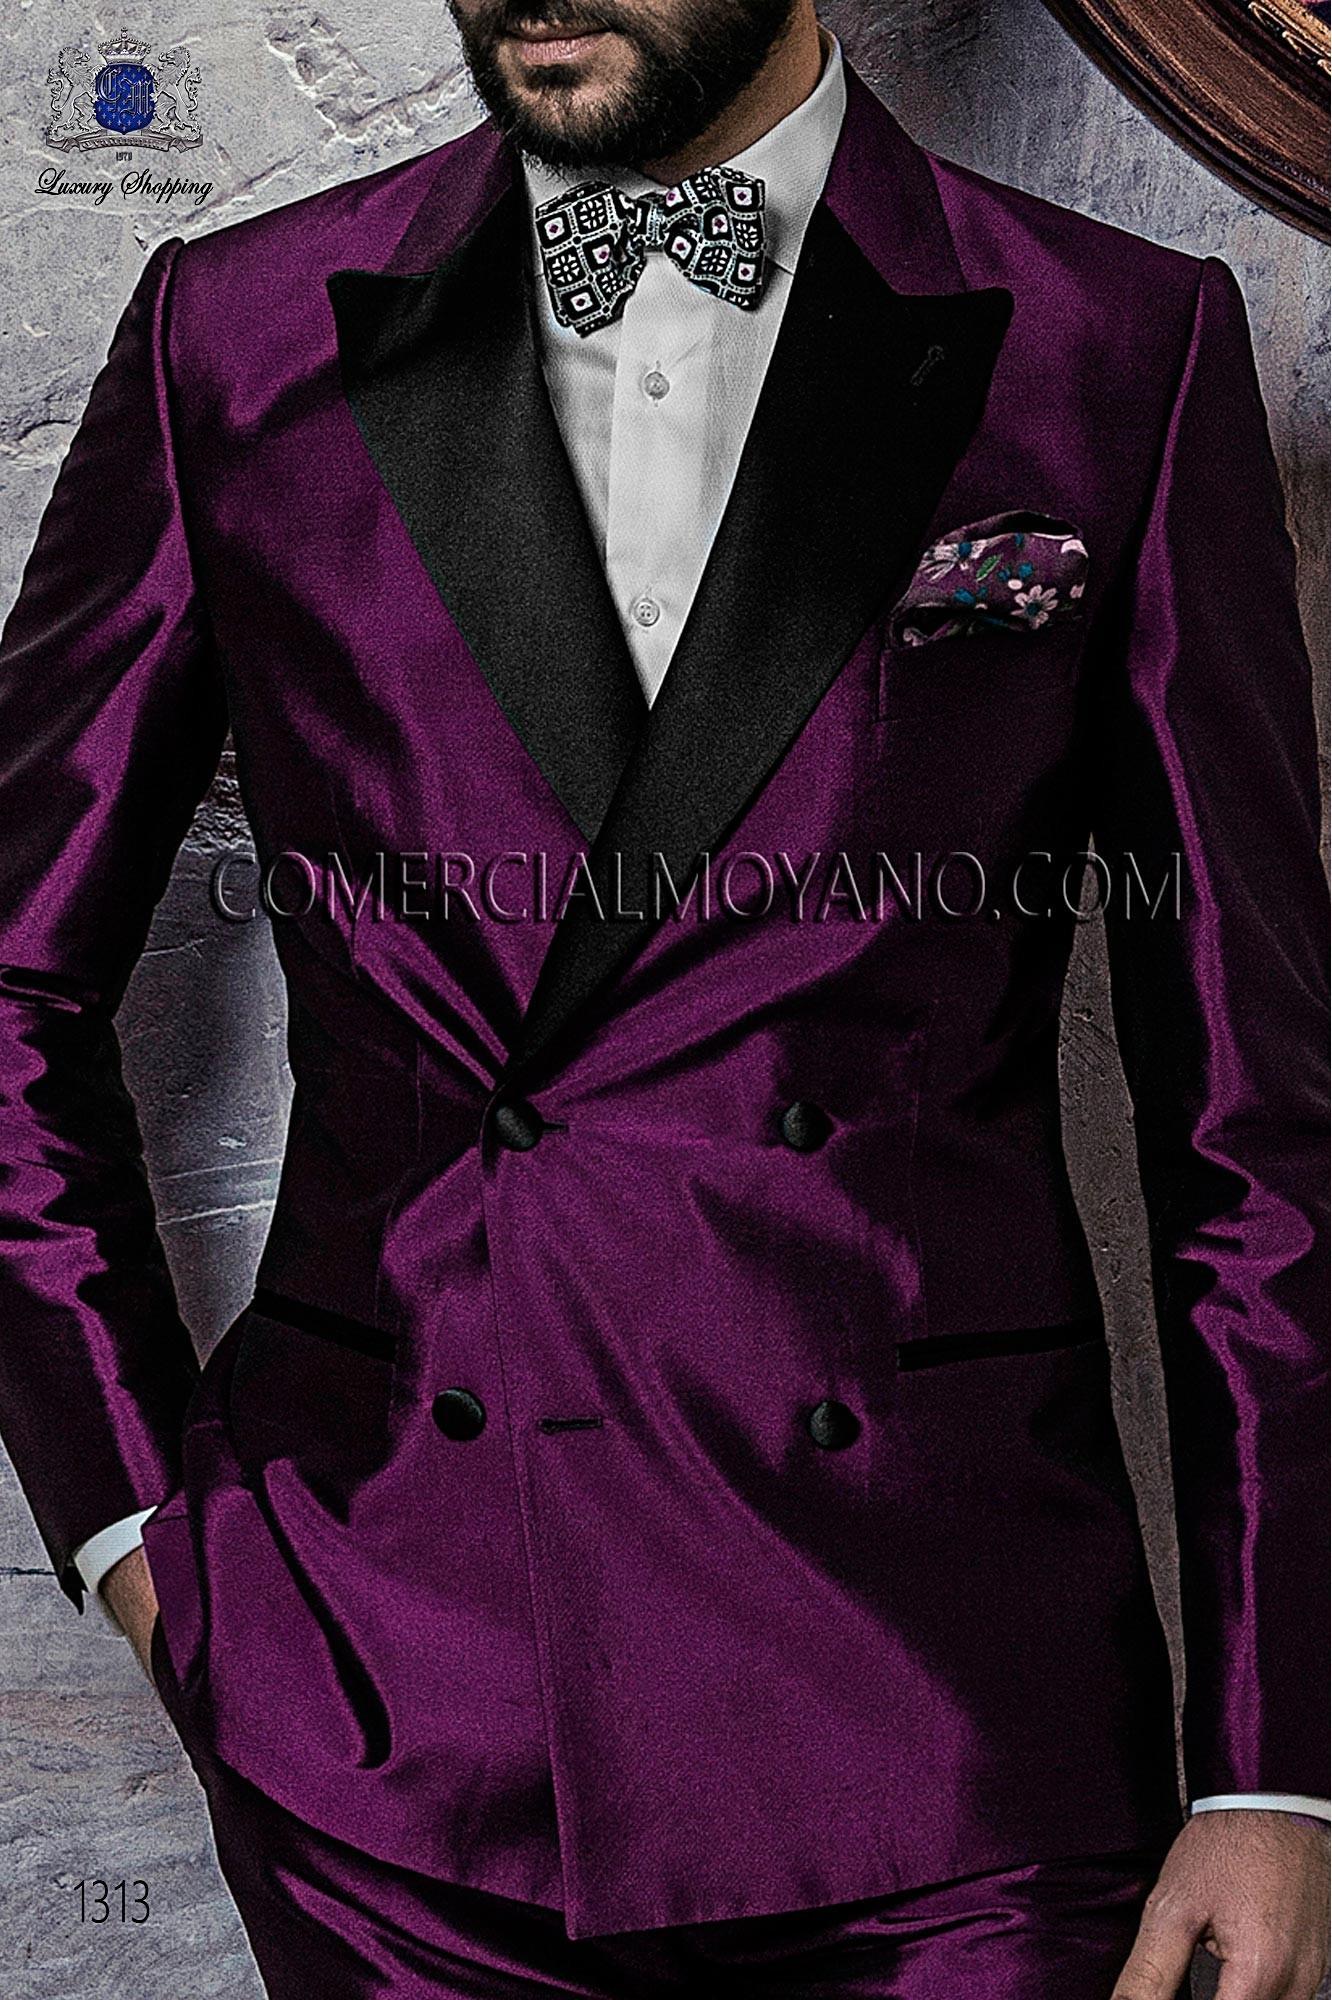 Traje BlackTie de novio morado modelo: 1313 Ottavio Nuccio Gala colección Black Tie